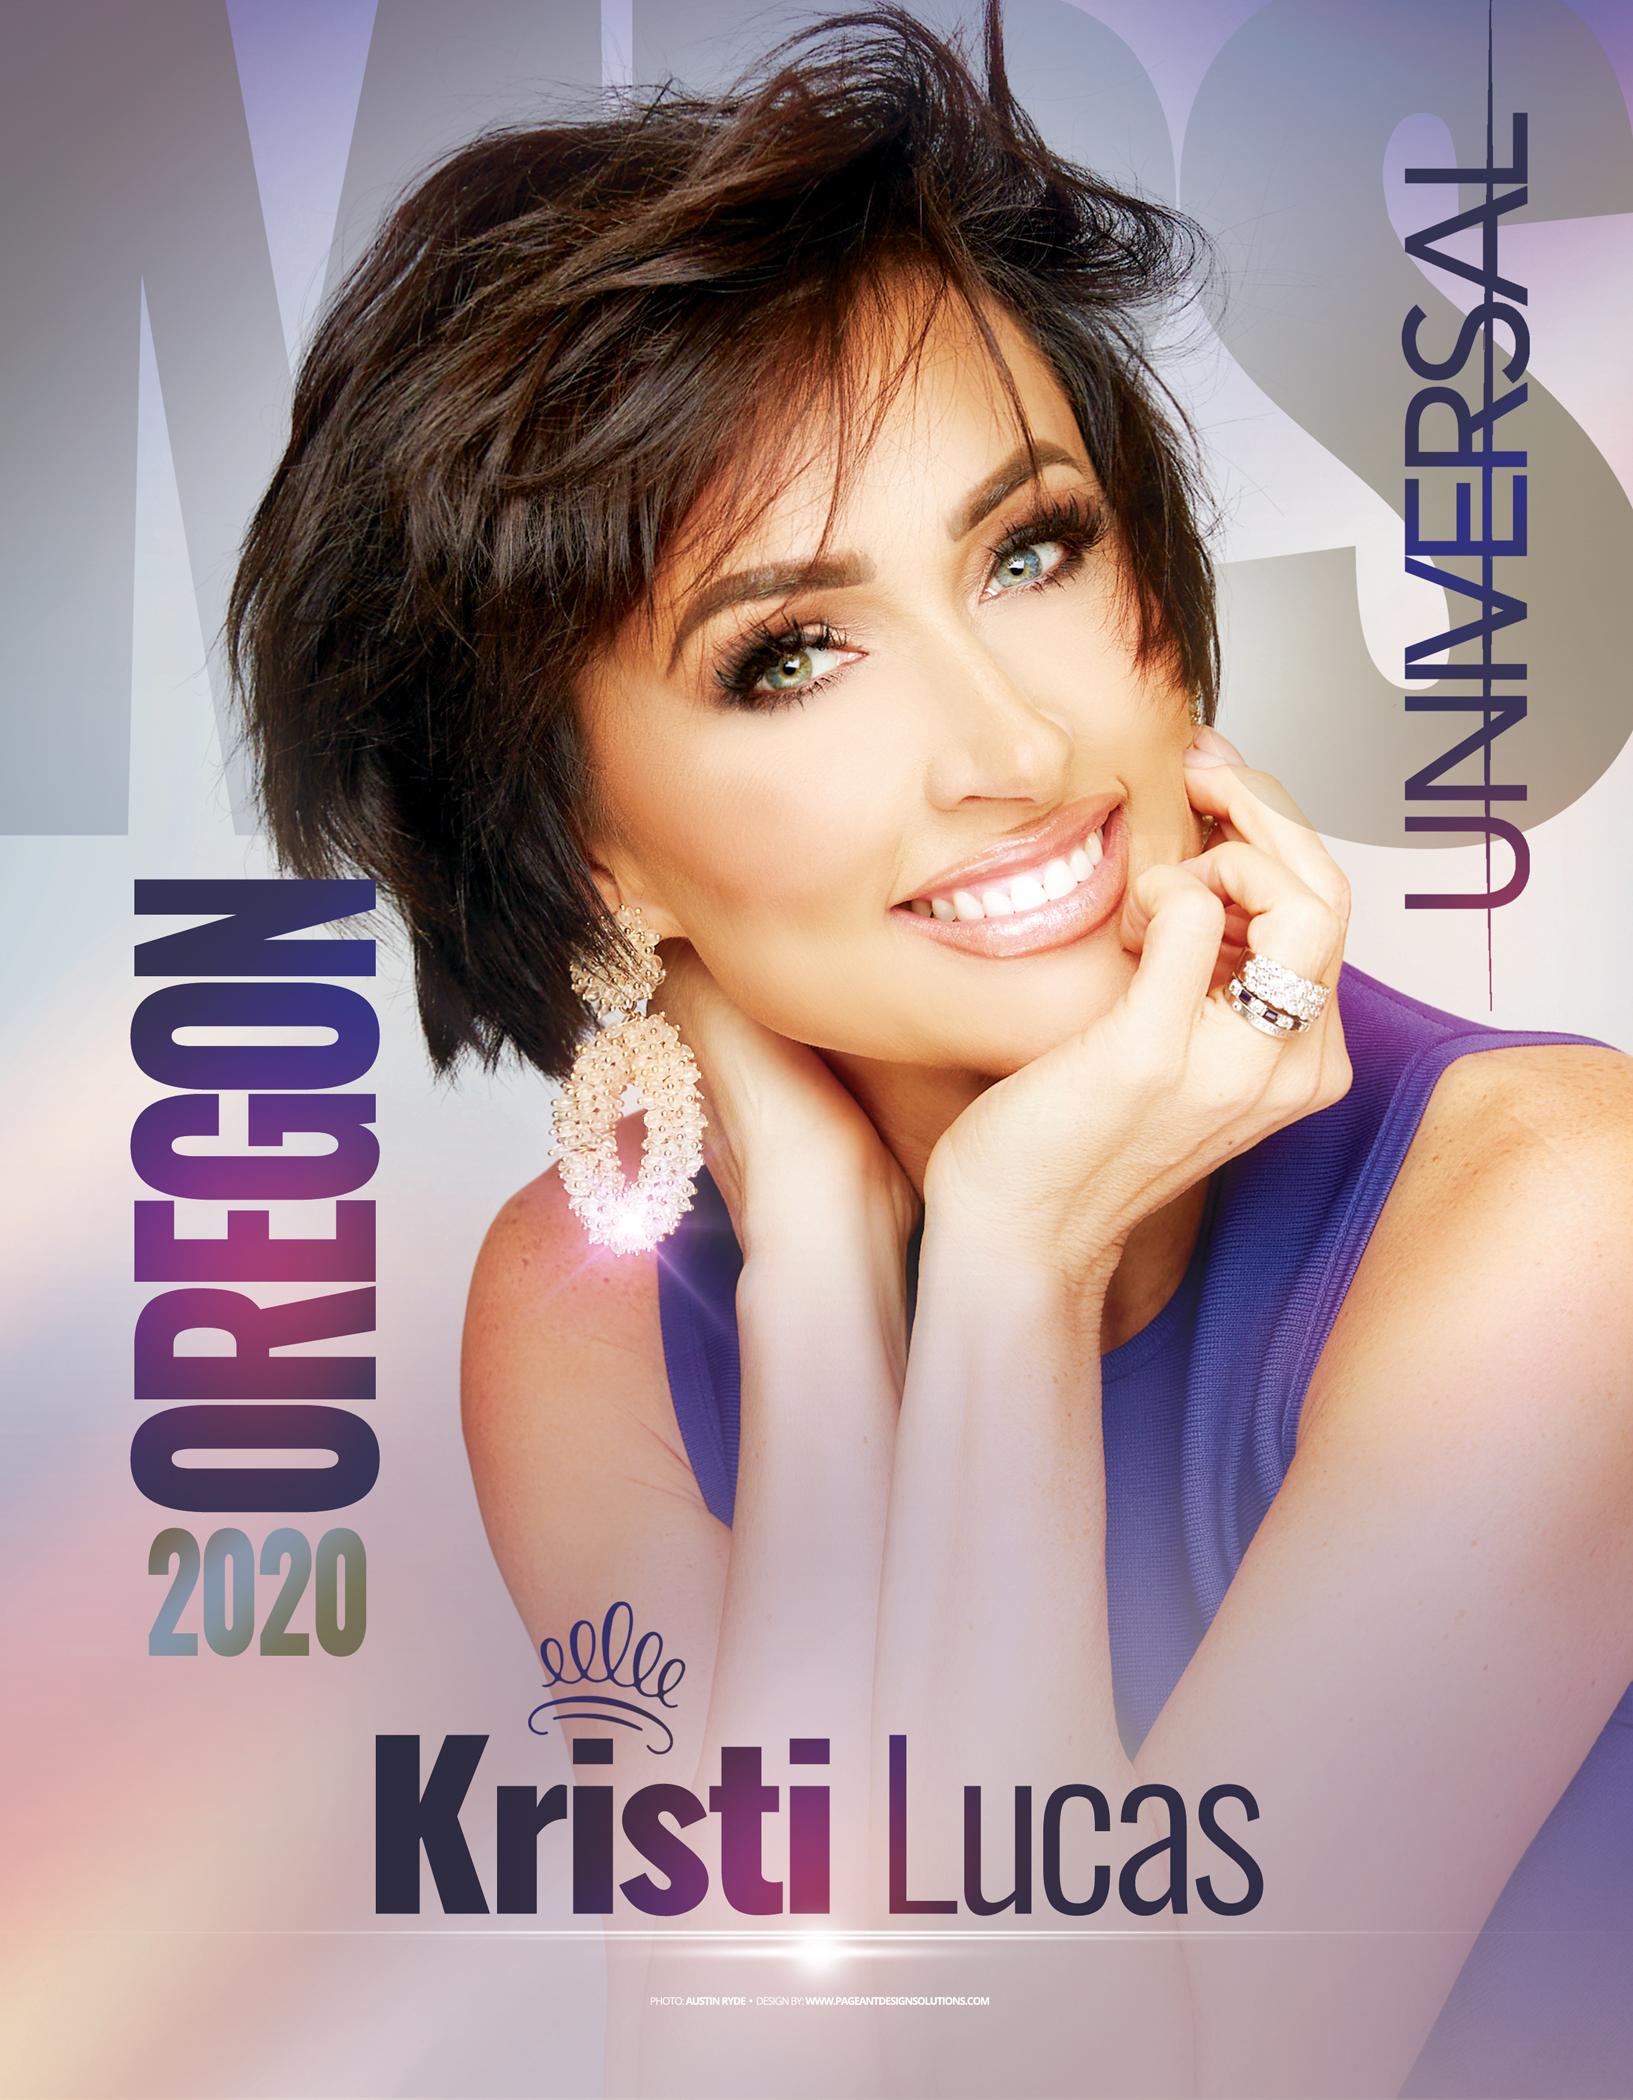 Lucas, Kristi BACK COVER